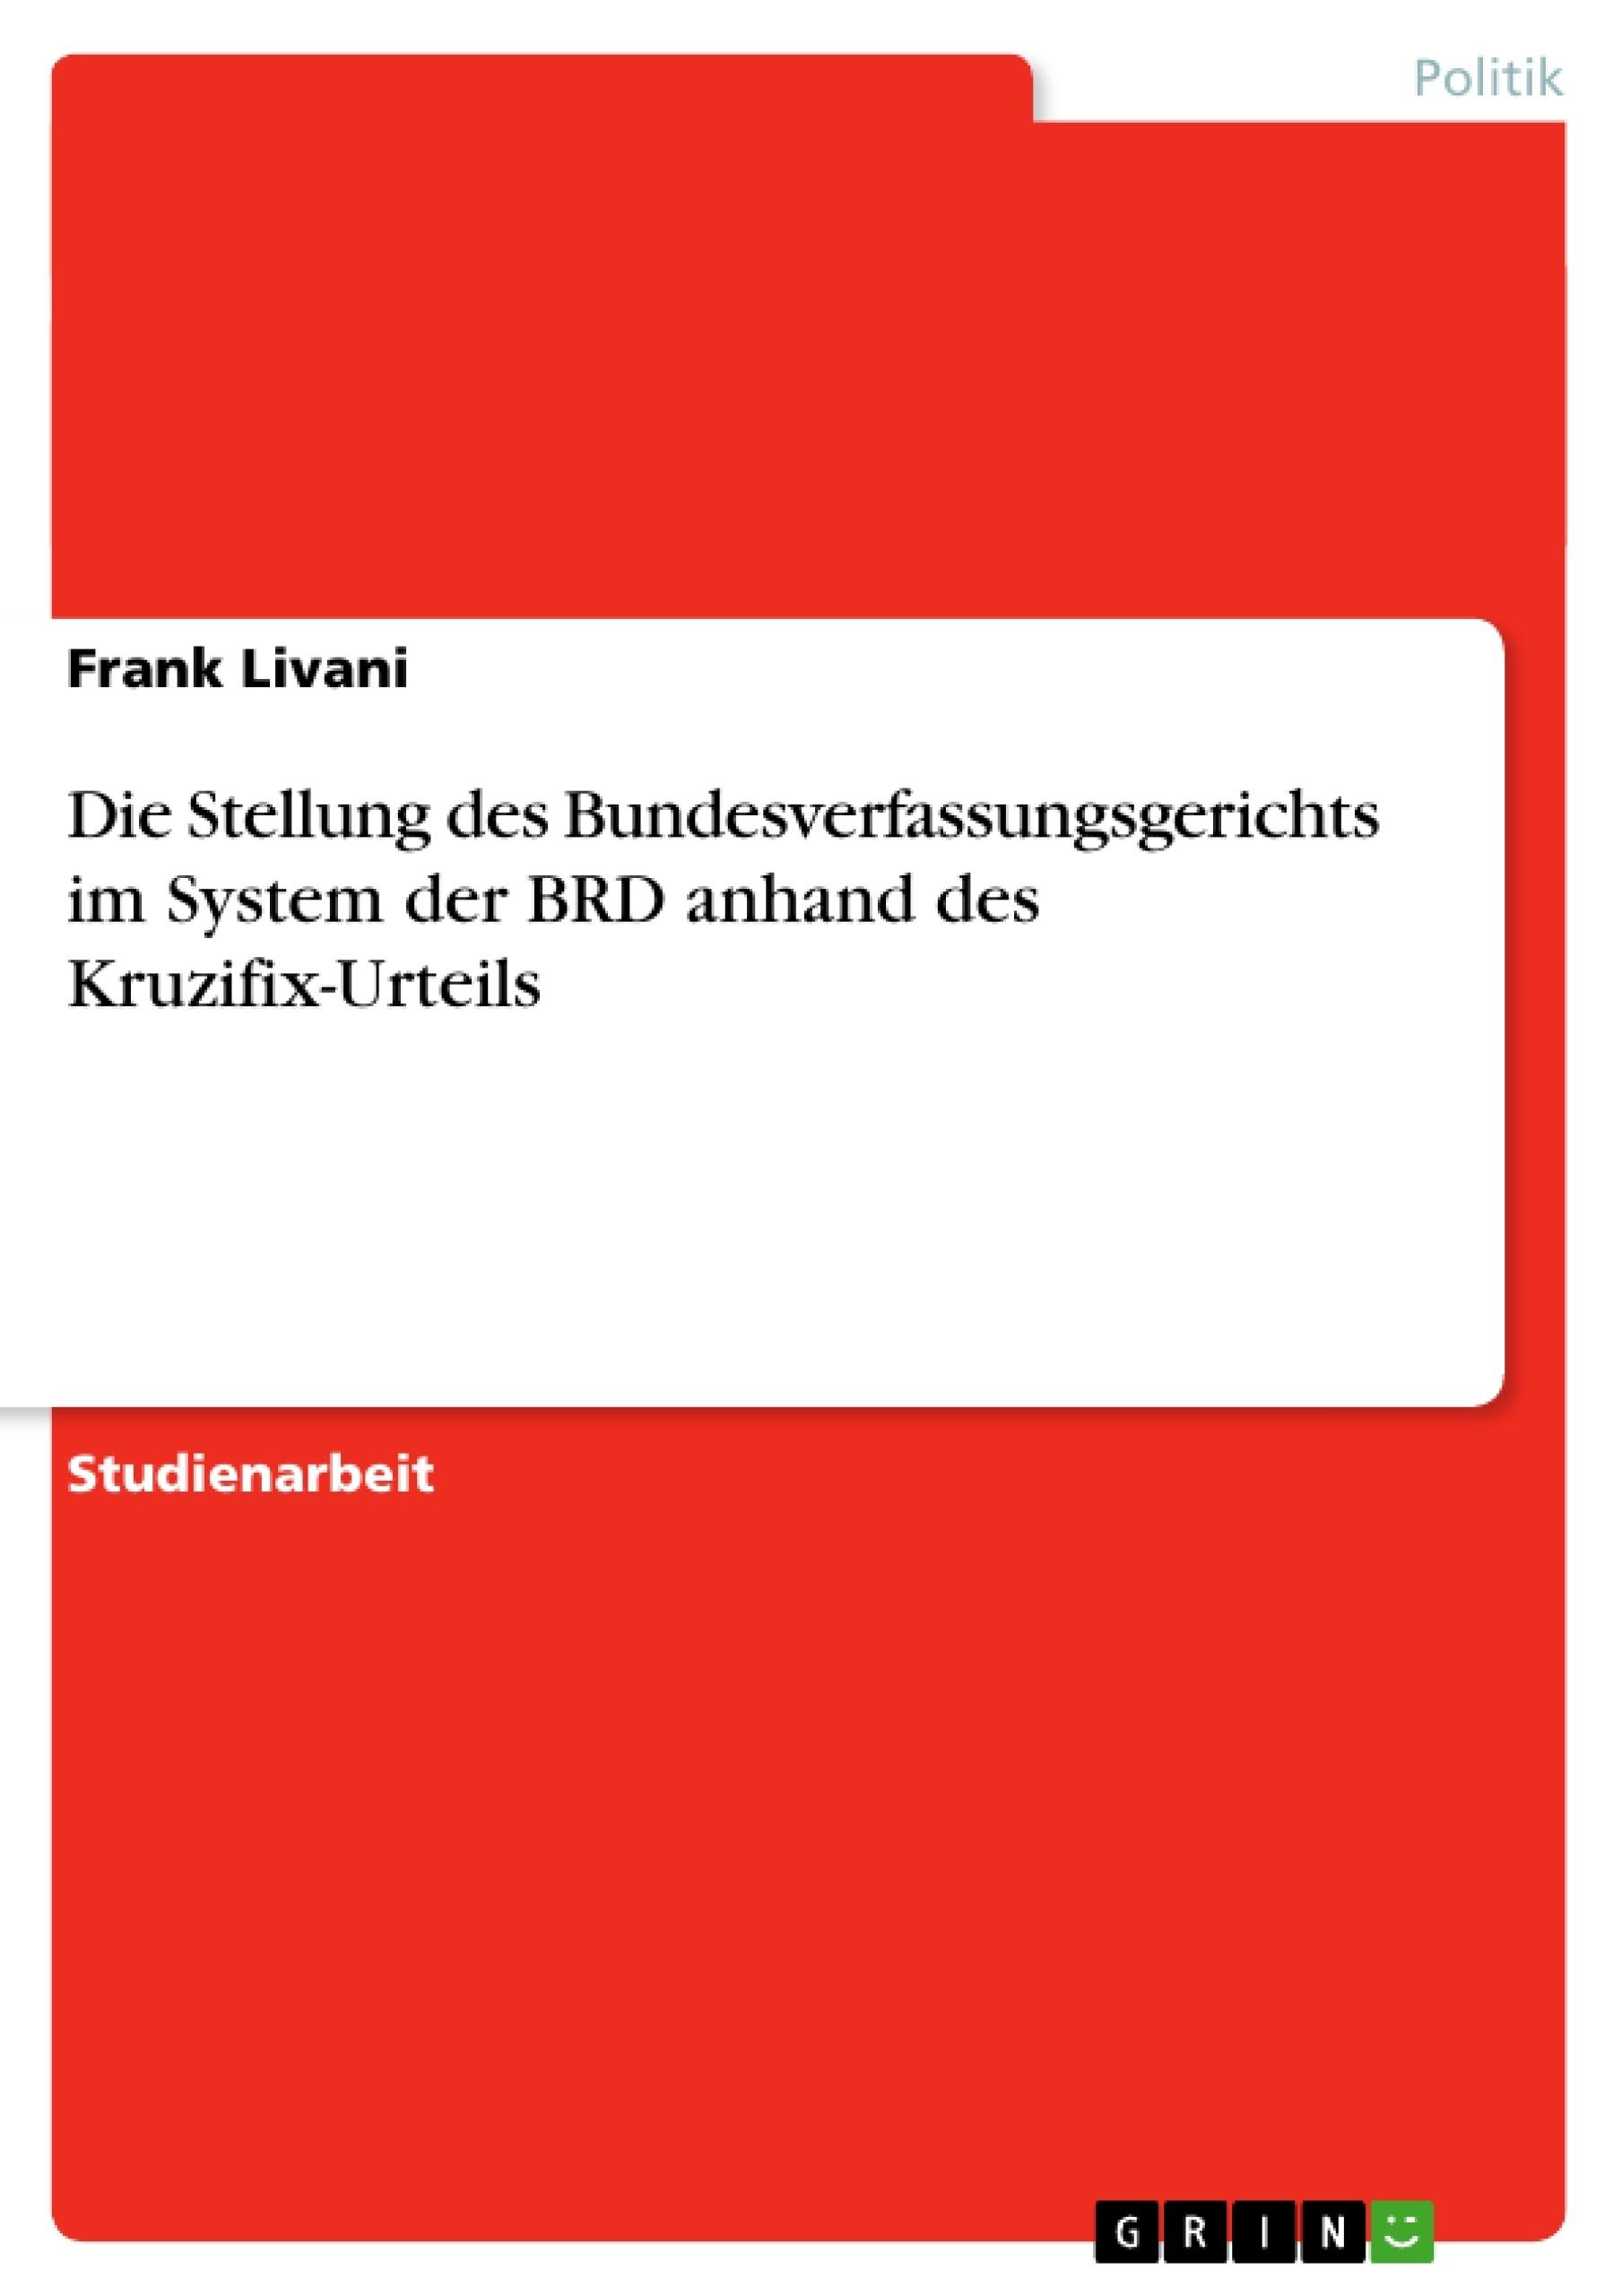 Titel: Die Stellung des Bundesverfassungsgerichts im System der BRD anhand des Kruzifix-Urteils